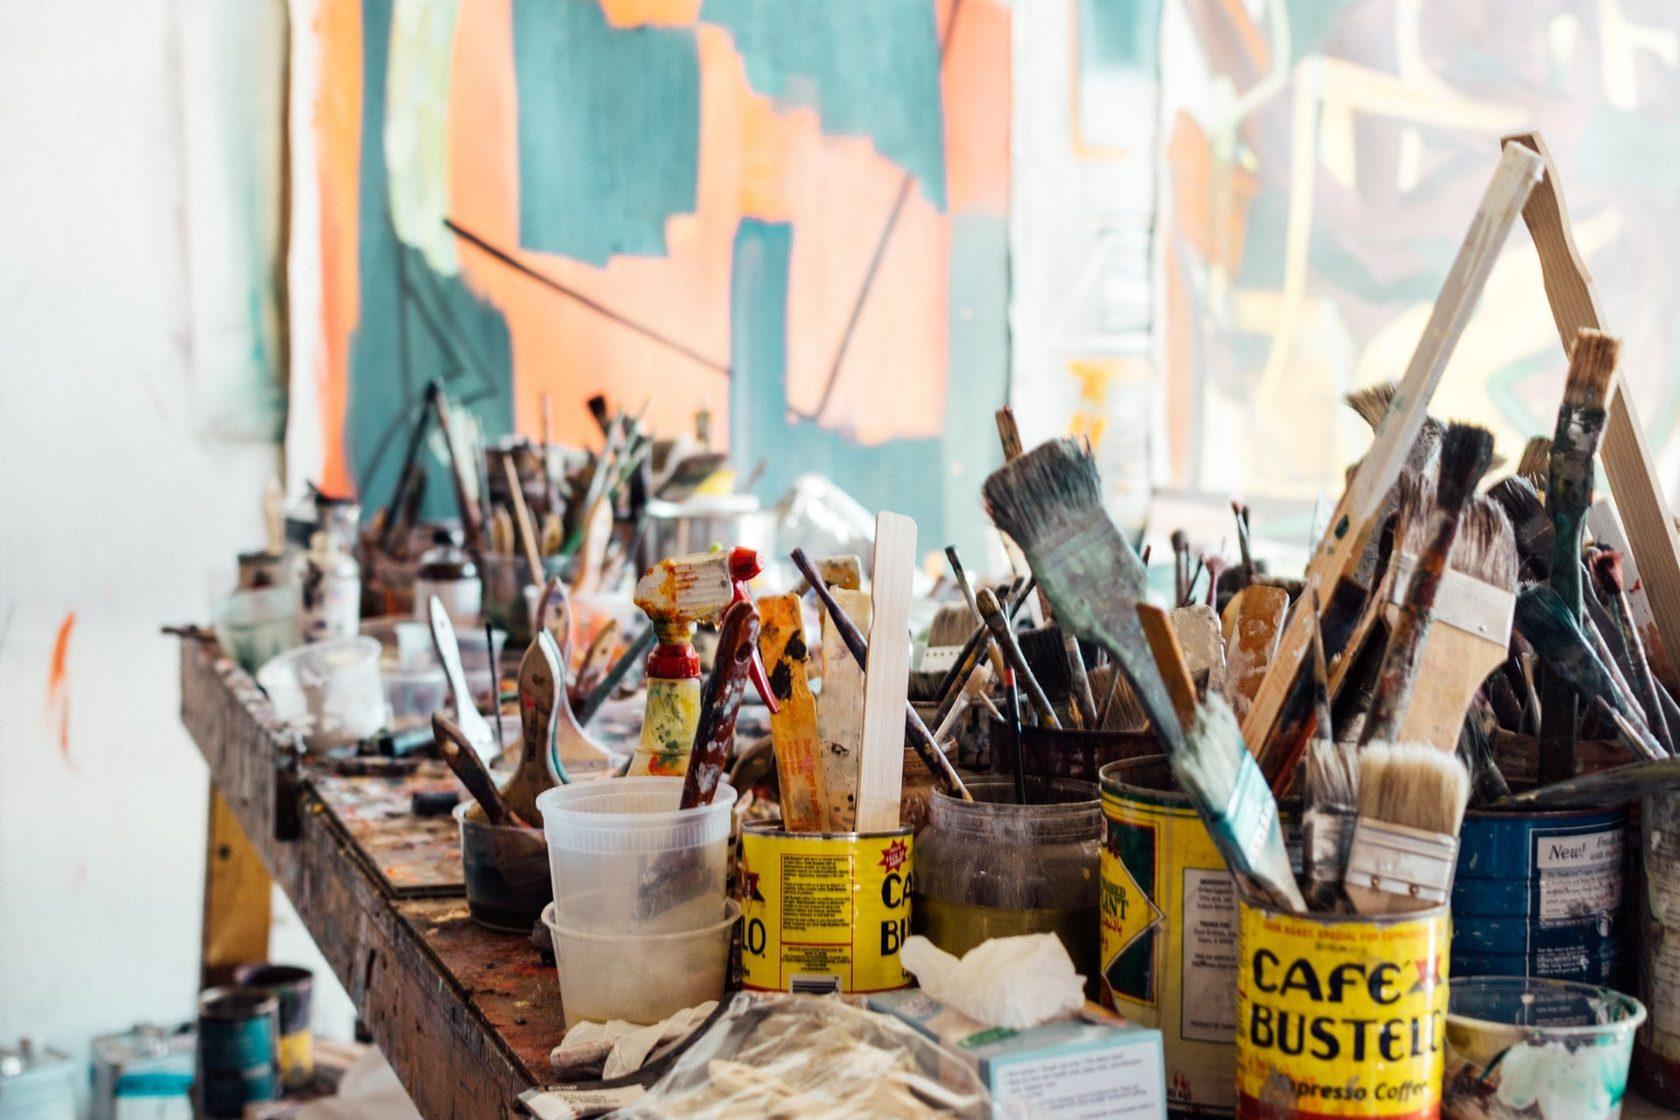 Коллекция инструментов предпринимателя-маркетолога